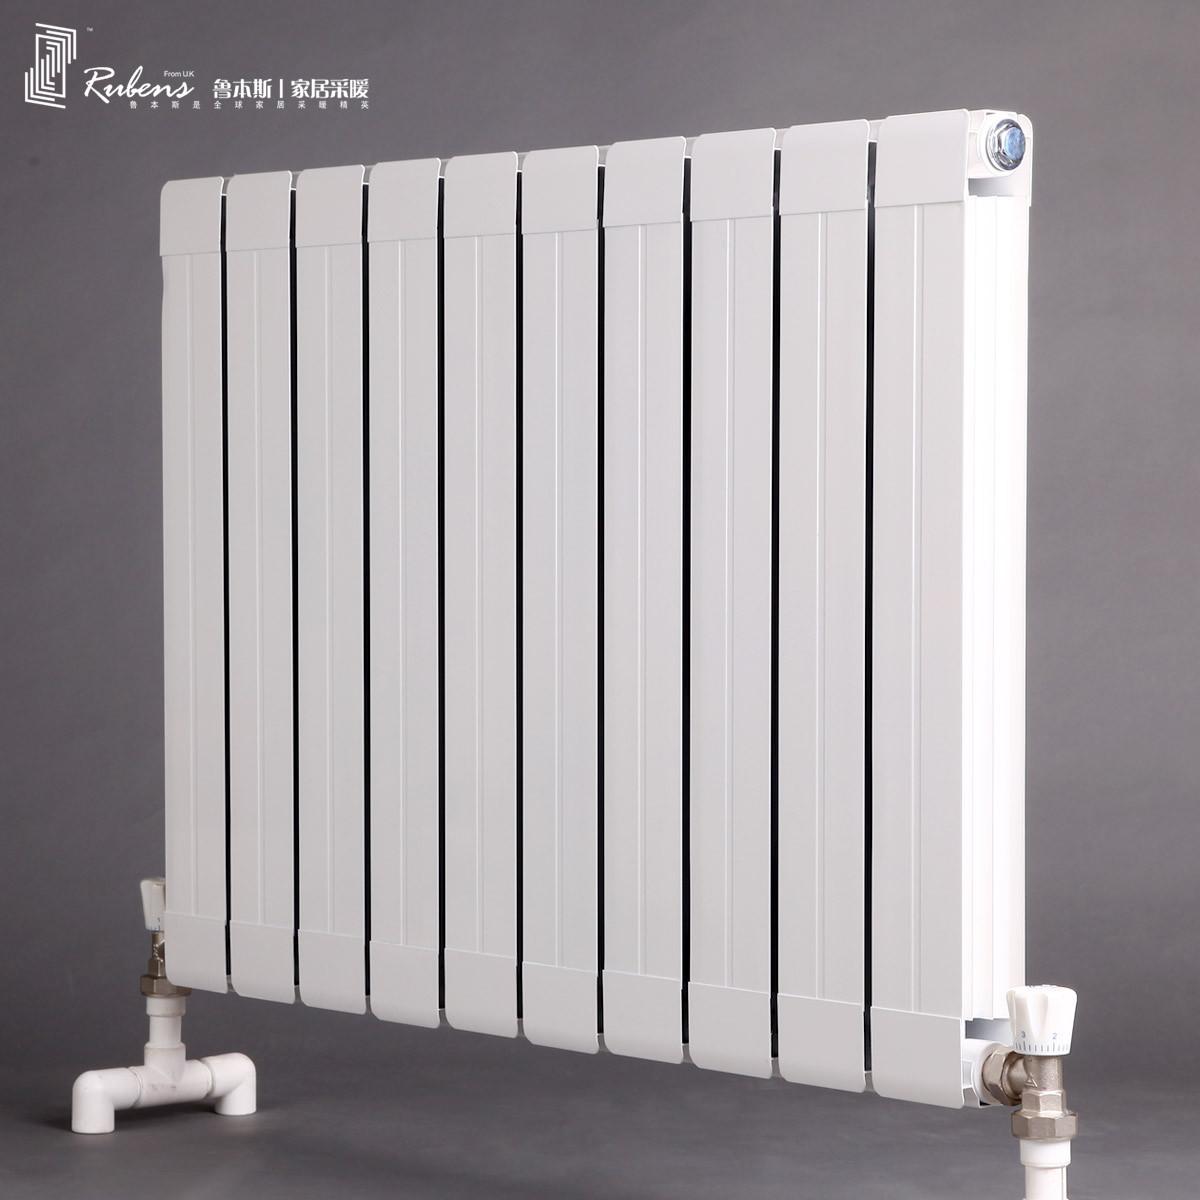 鲁本斯 铜铝复合普通挂墙式集中供热 铜铝复合8060,片宽88,片高650、1550、1850暖气片散热器